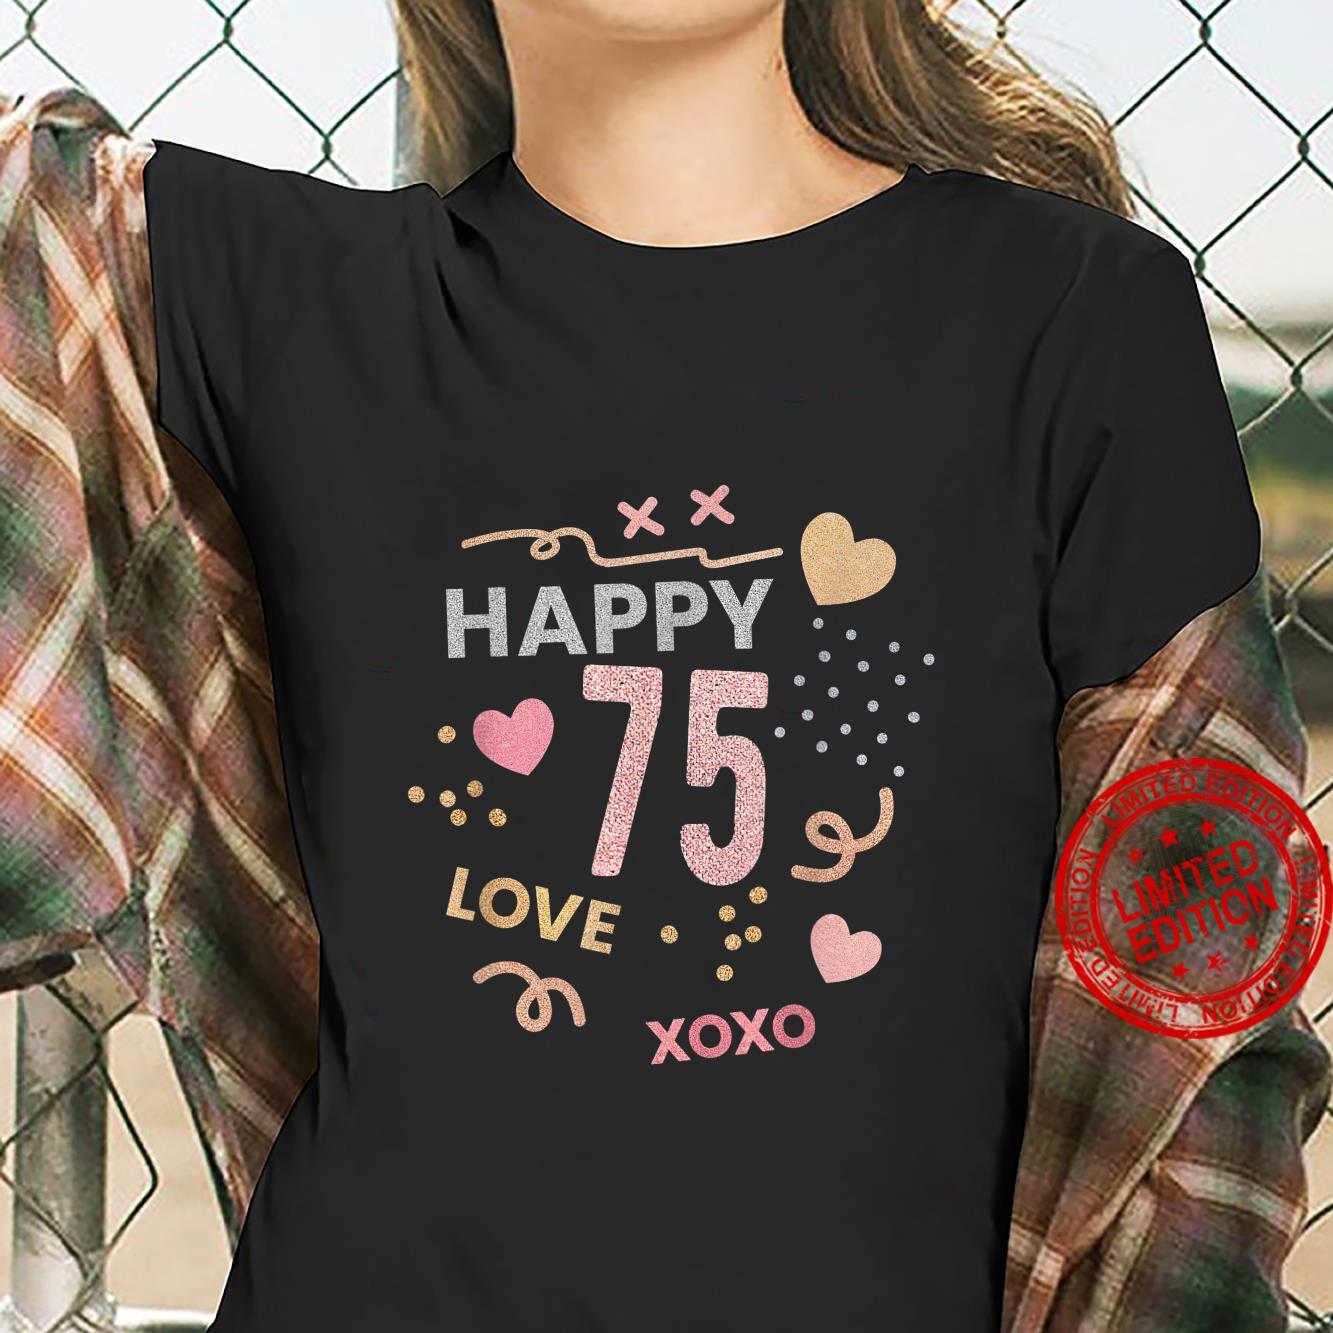 Happy 75th Birthday Shirt 75 Birthday Shirt Girls Shirt ladies tee